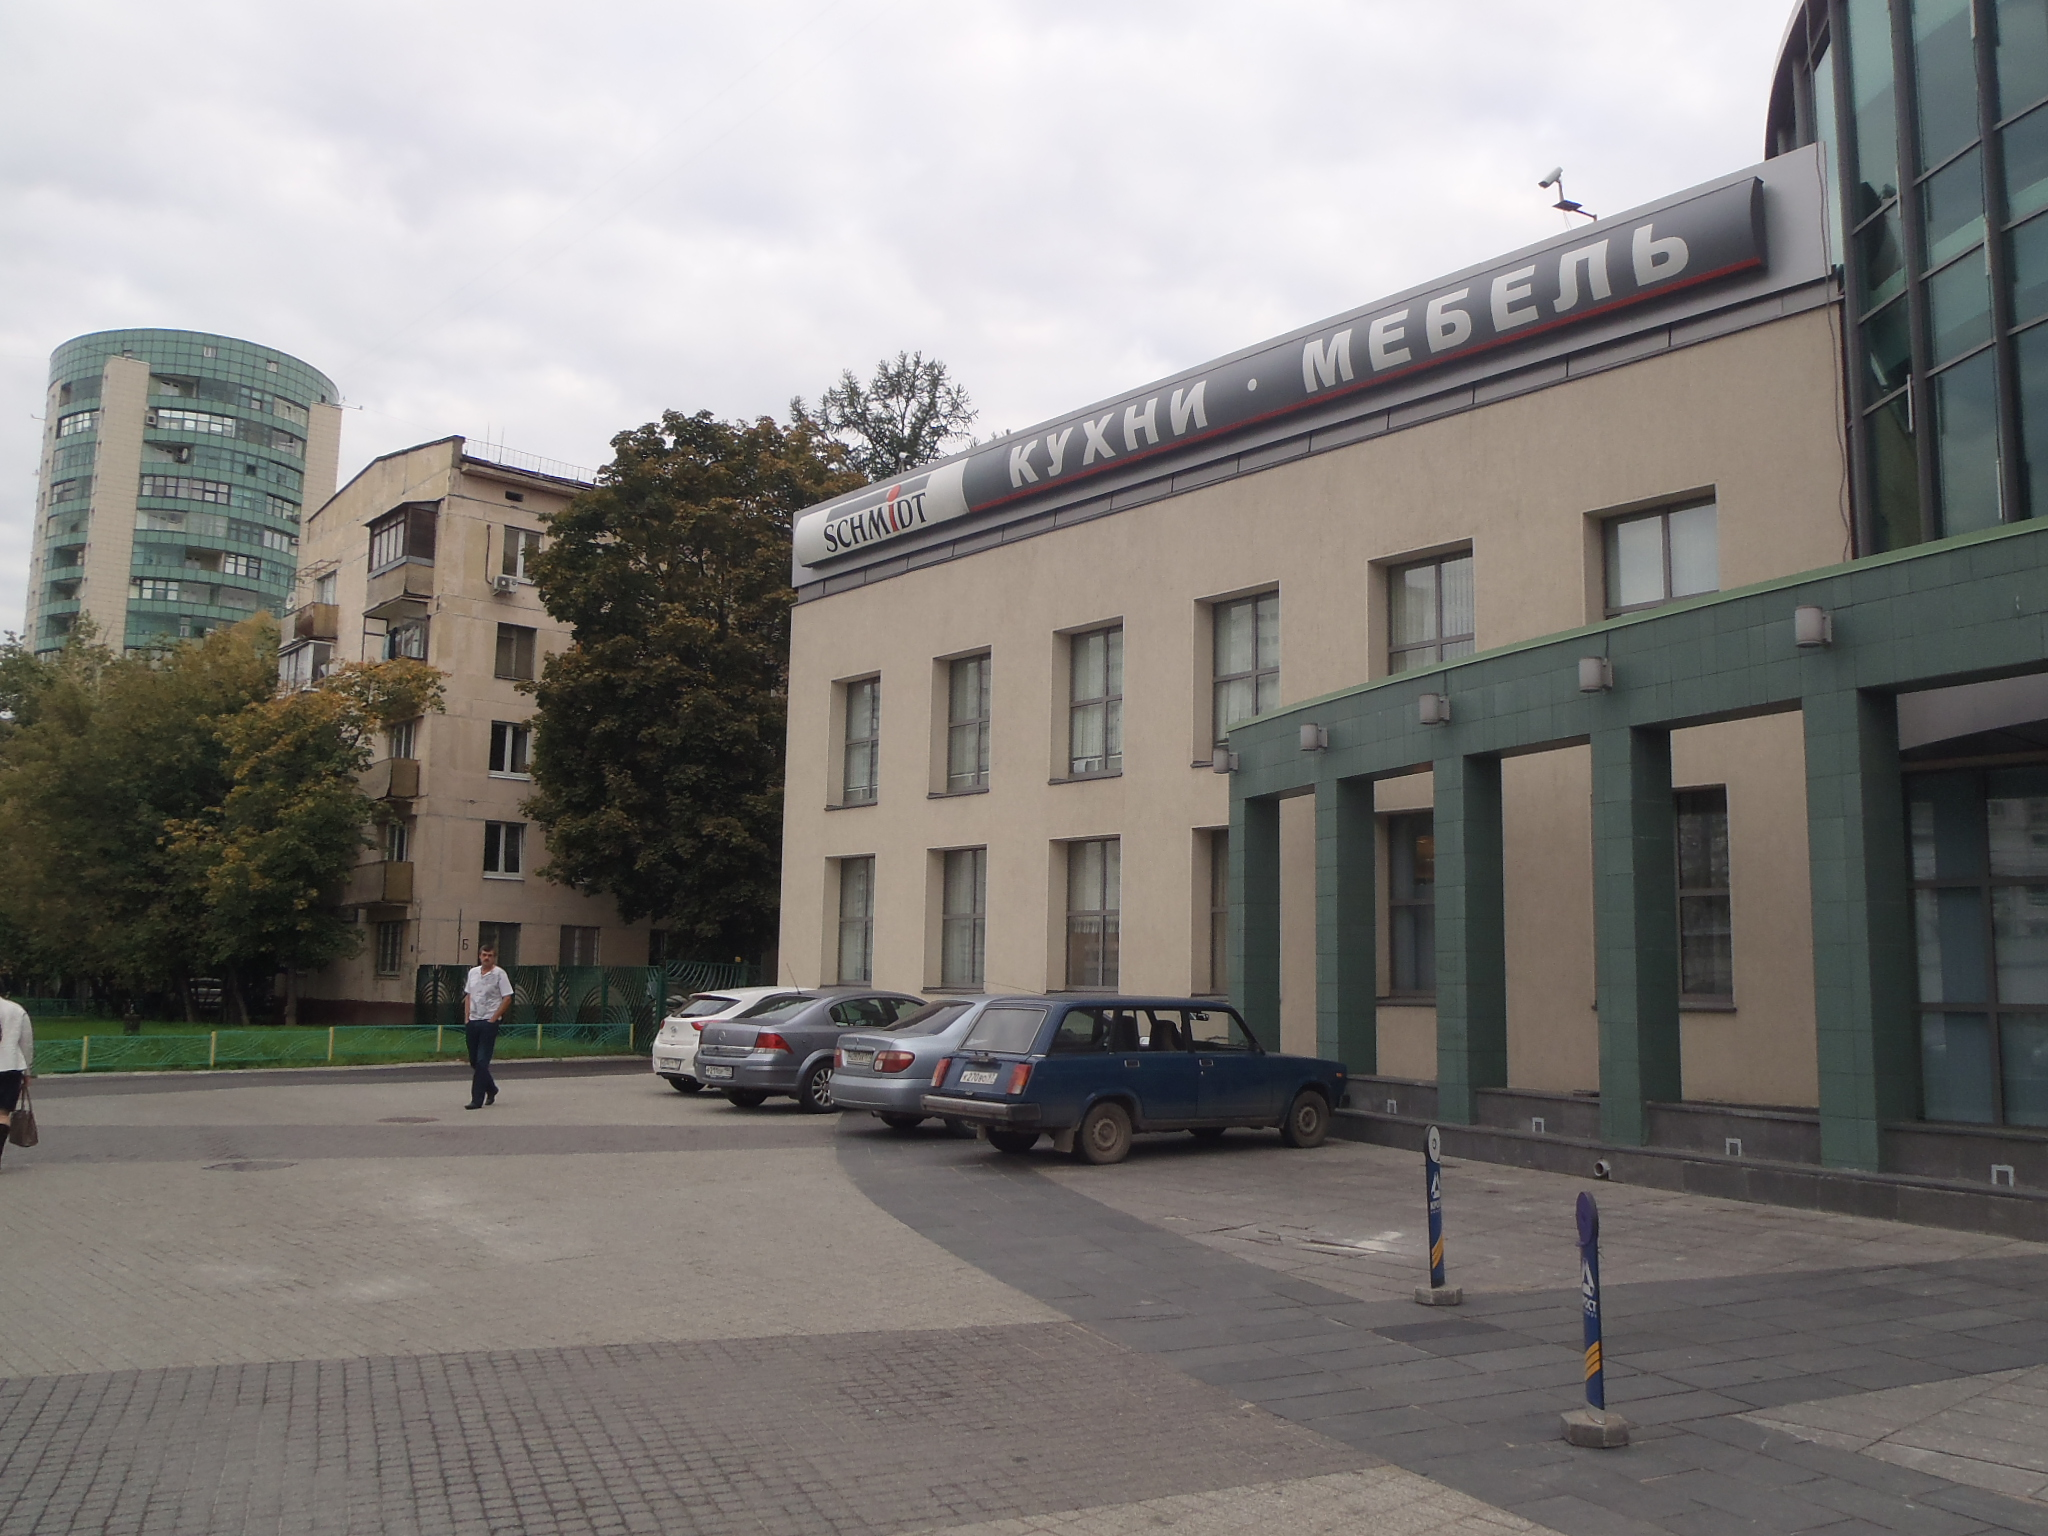 SCHMIDT MOSCOW ZHUKOVA